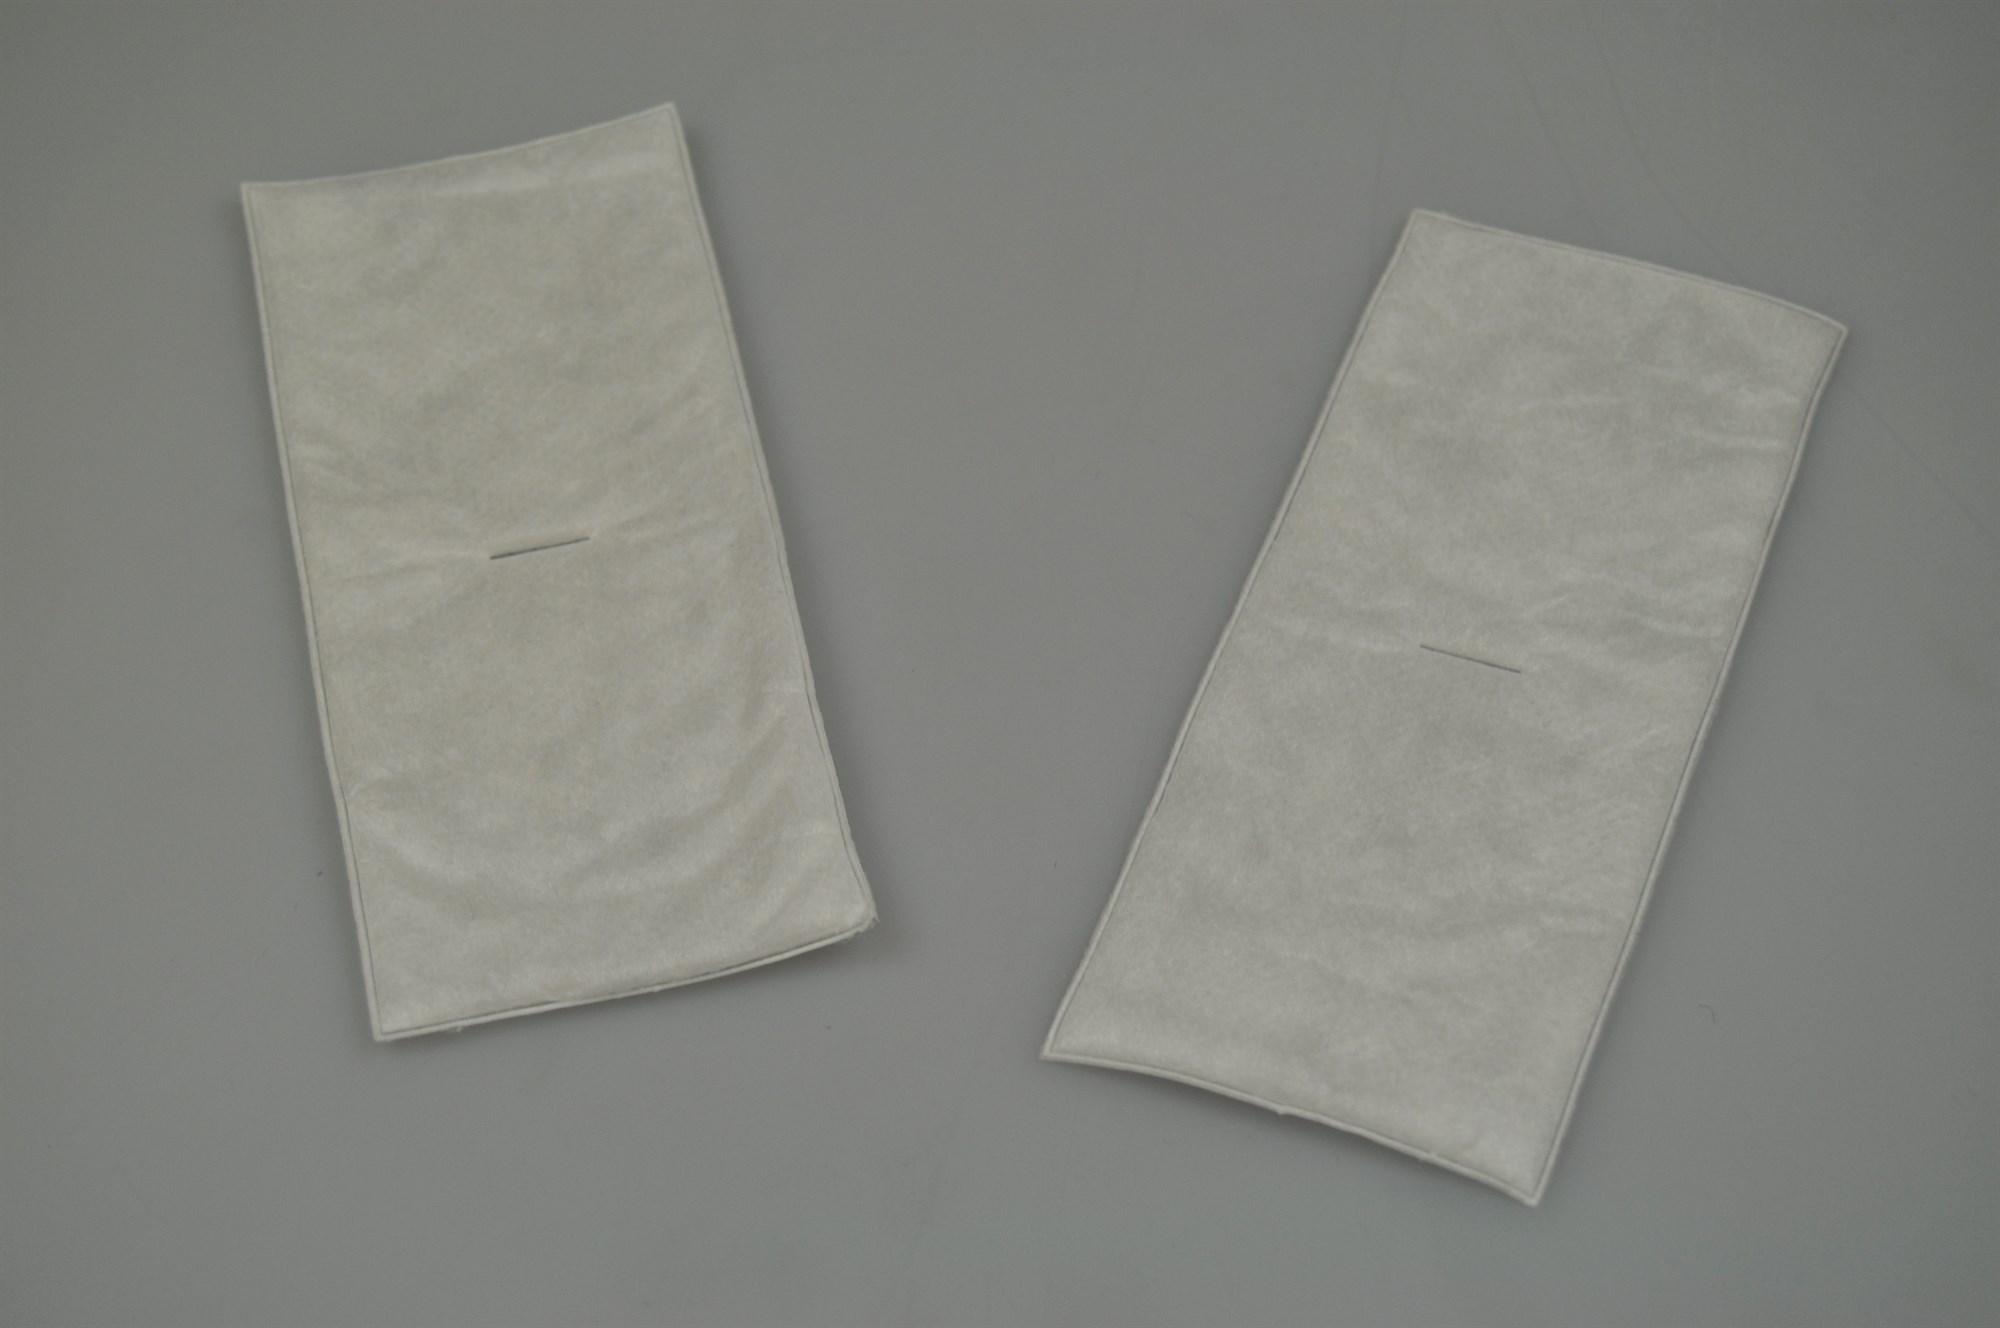 Mikrofilter för dammsugare Universal Filter  